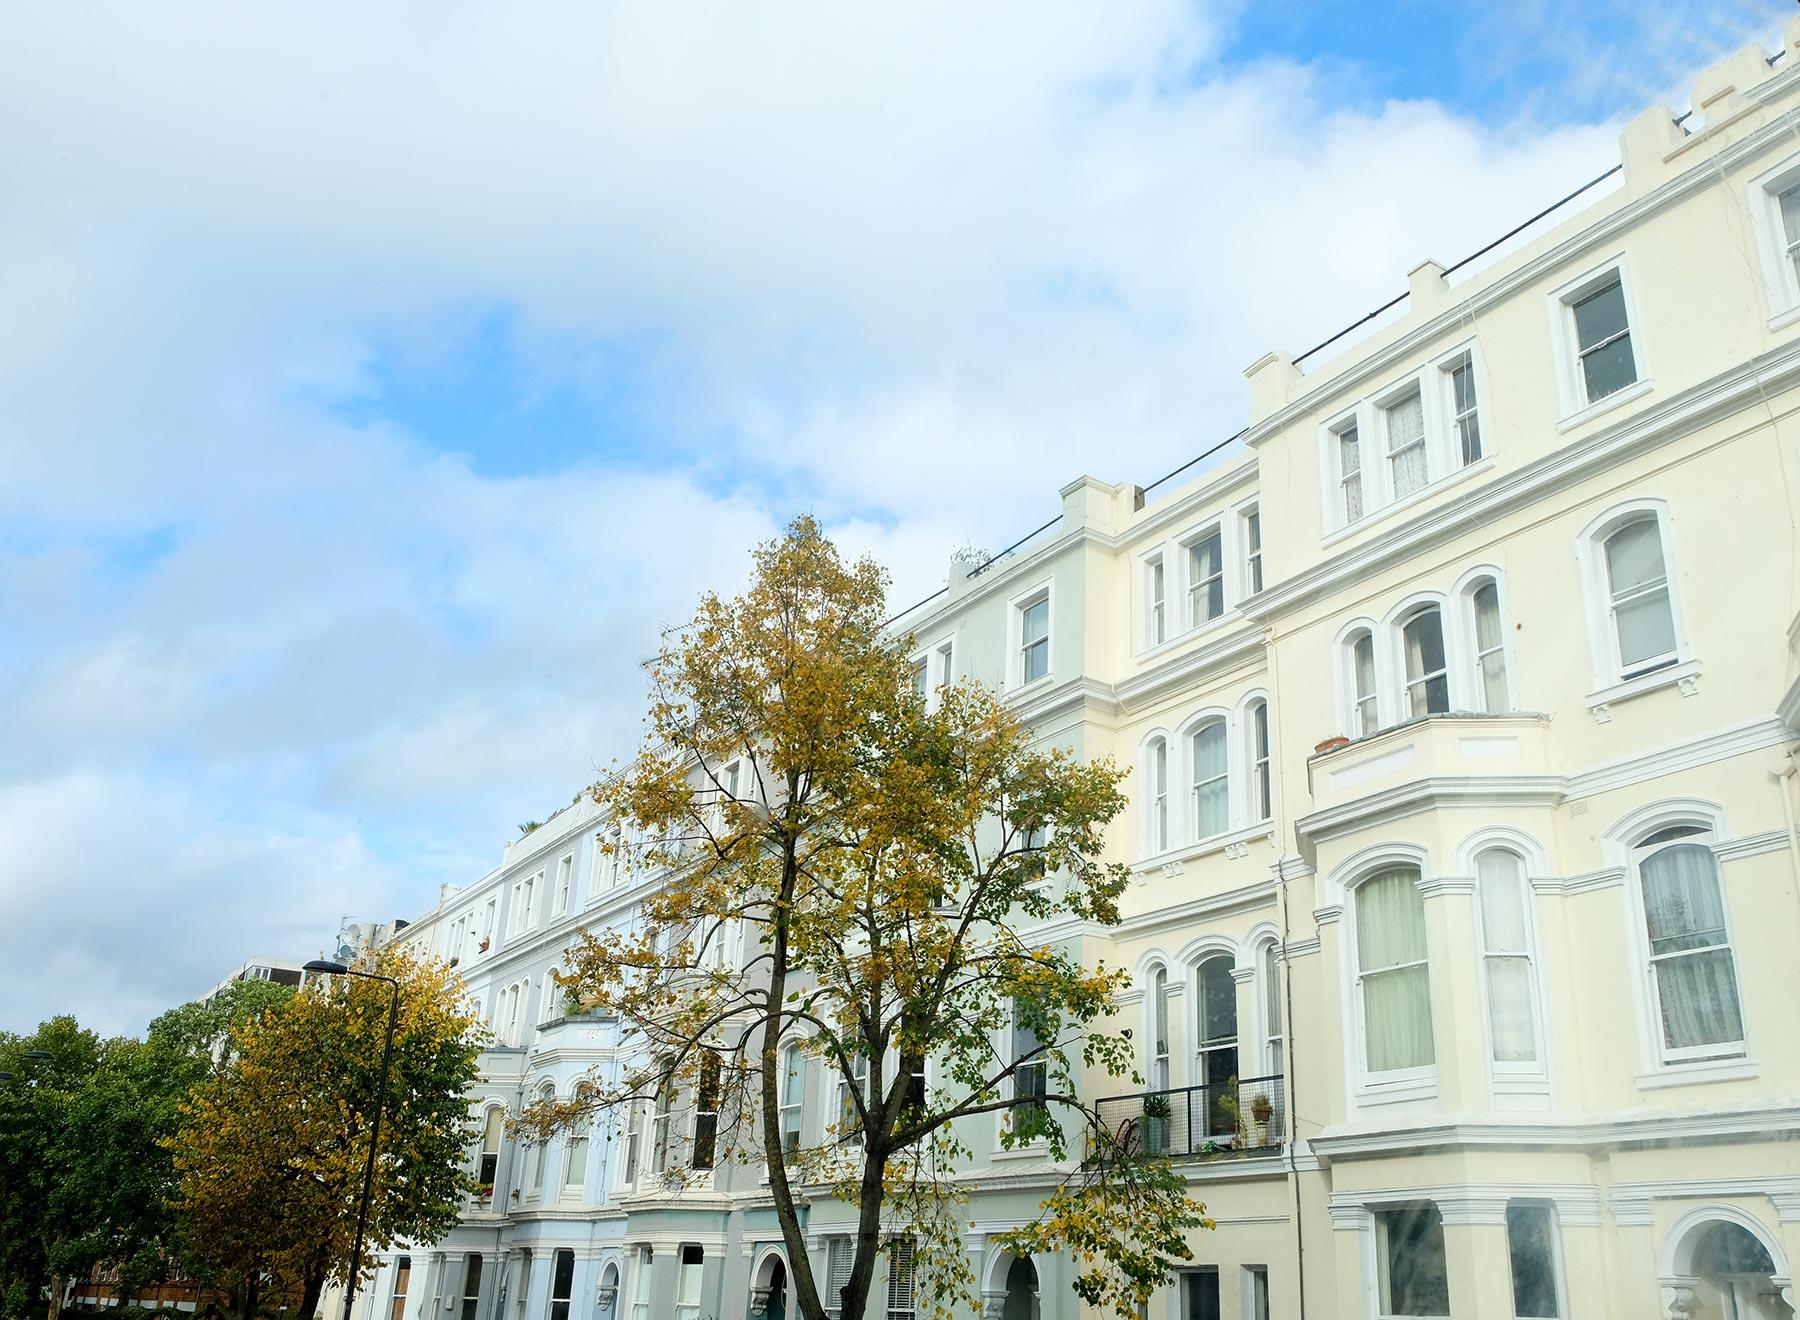 Notting hill, quartier coloré à Londres